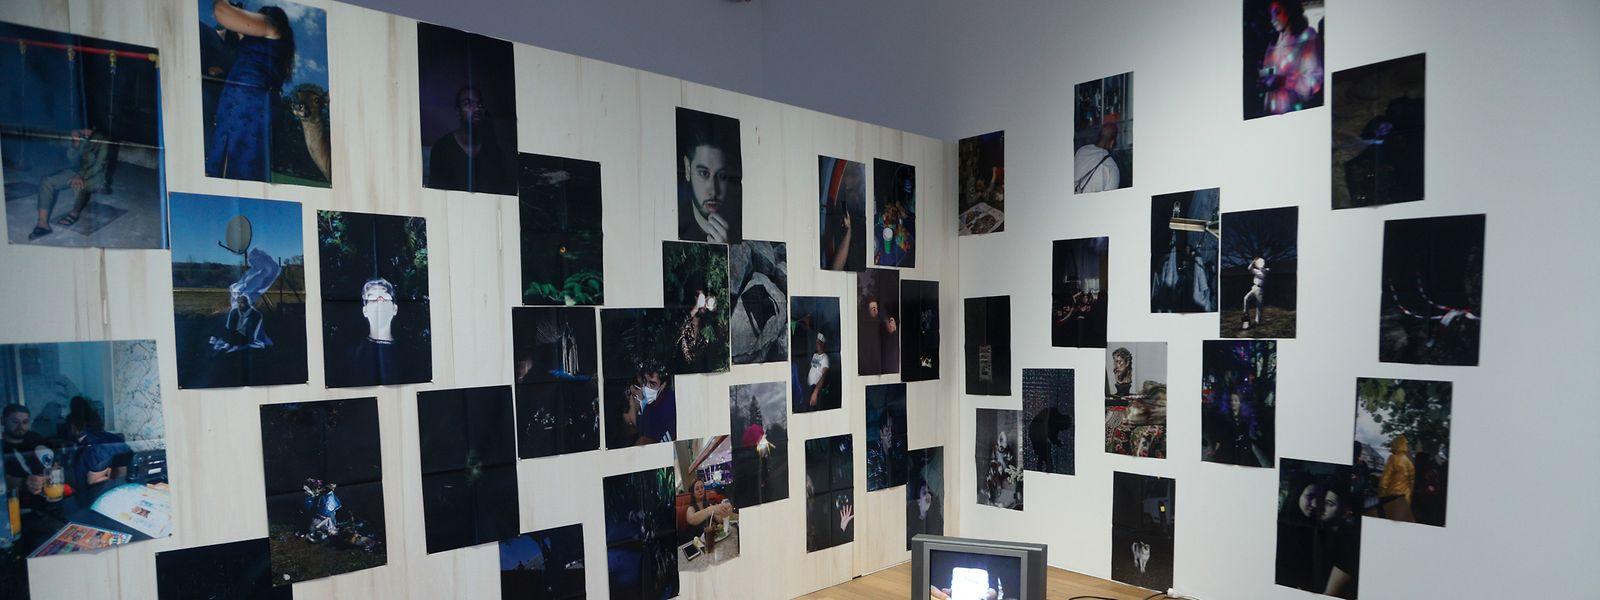 Die Installation von Bruno Oliveira ist Teil der Triennale.